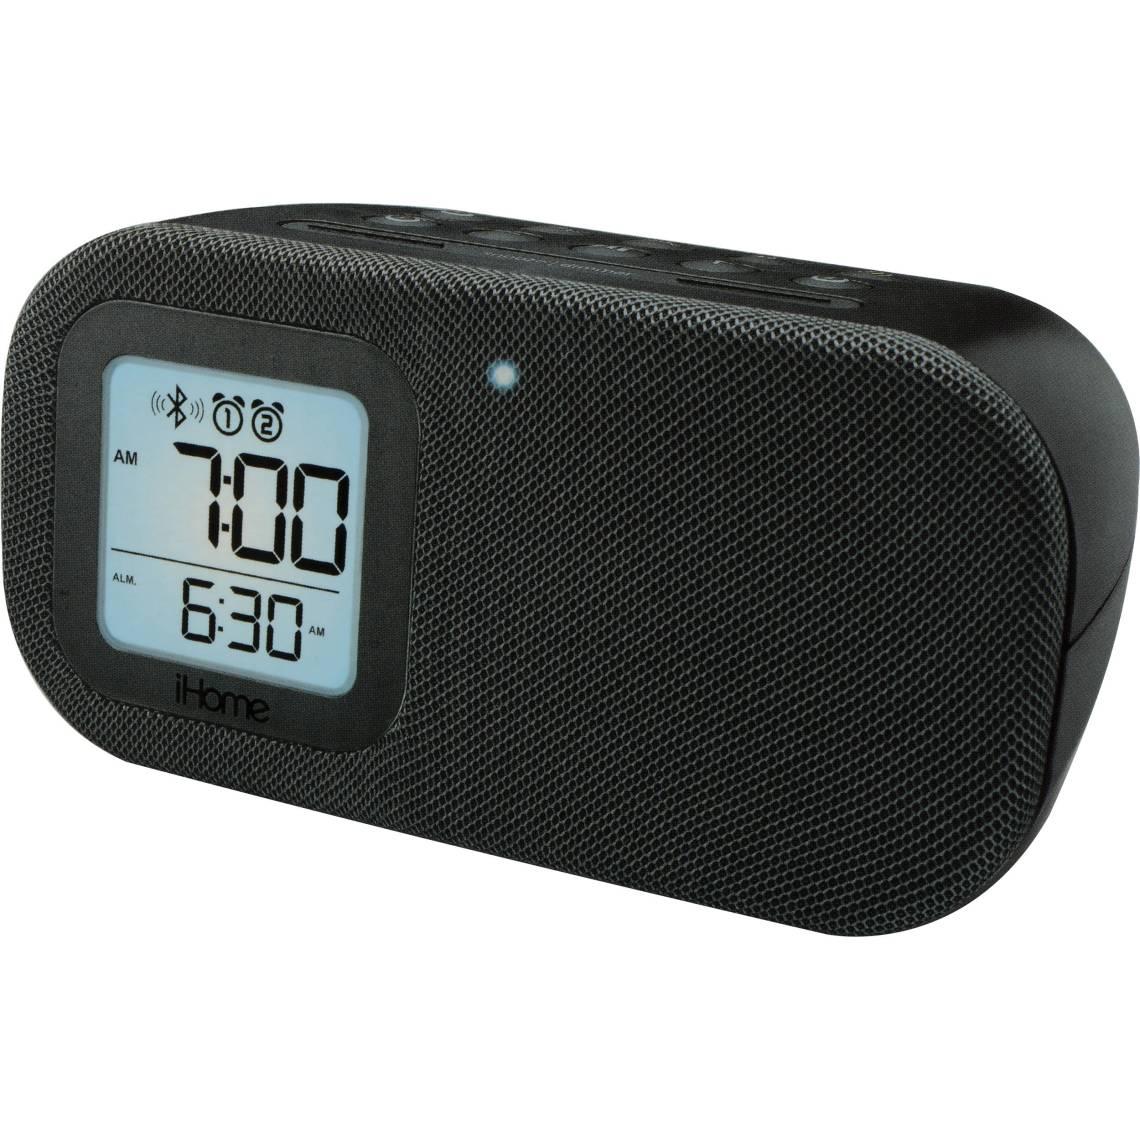 Best Alarm Bedside - ihome_ibt21bc_bluetooth_bedside_dual_alarm_1031250  Image_563246.jpg